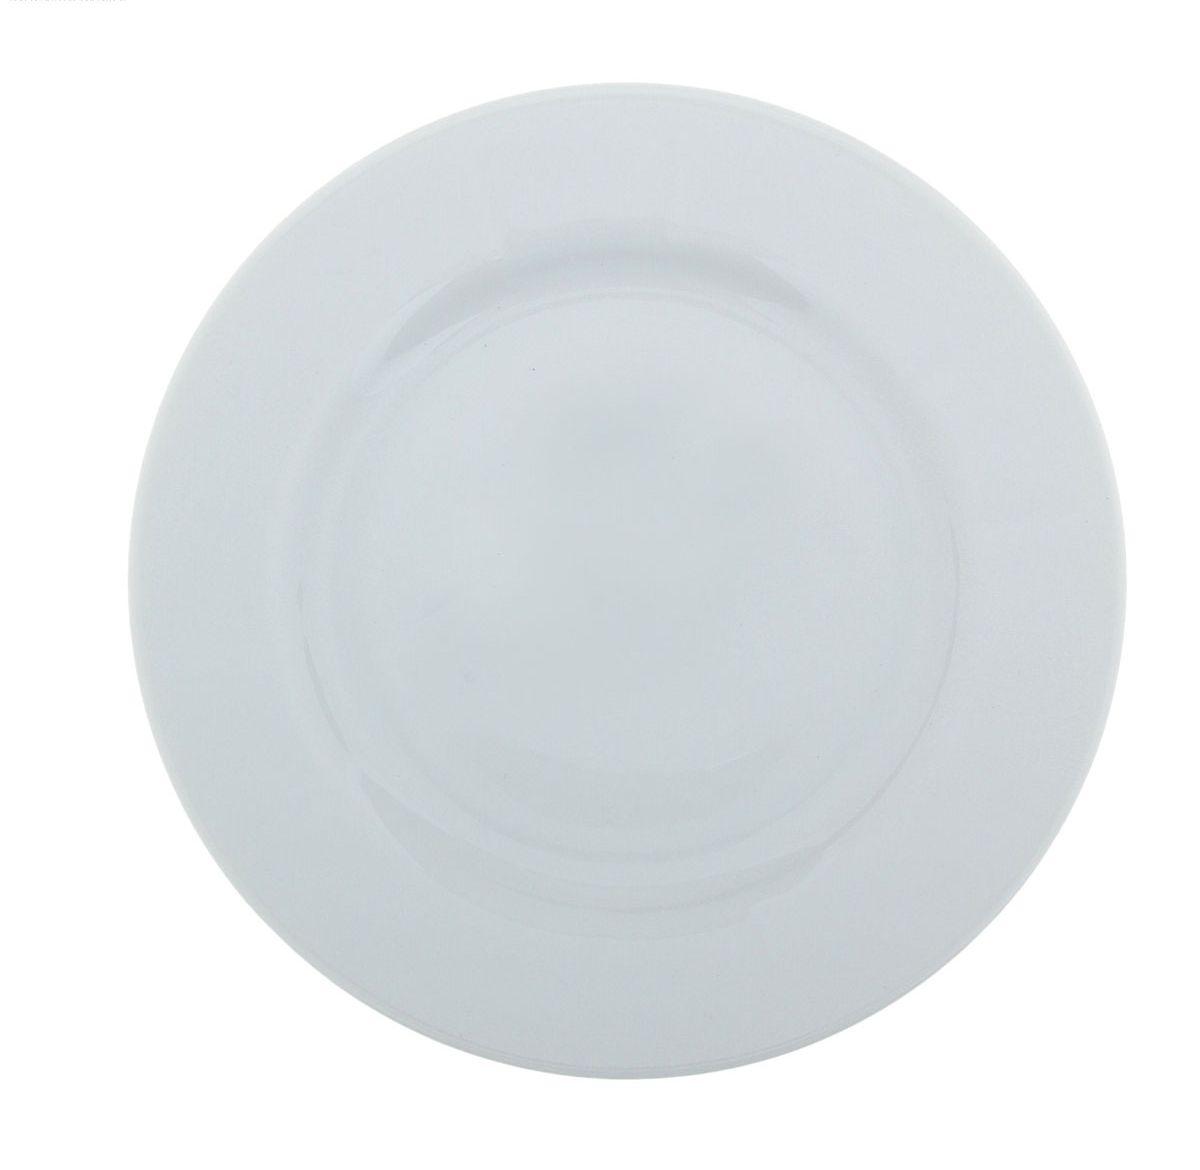 Тарелка мелкая Идиллия. Белье, диаметр 17 см504163Мелкая тарелка Идиллия. Белье выполнена из высококачественного фарфора. Она прекрасно впишется винтерьер вашей кухни и станет достойным дополнением к кухонному инвентарю.Тарелка Идиллия. Белье подчеркнет прекрасный вкус хозяйки и станет отличным подарком.Диаметр тарелки: 17 см.